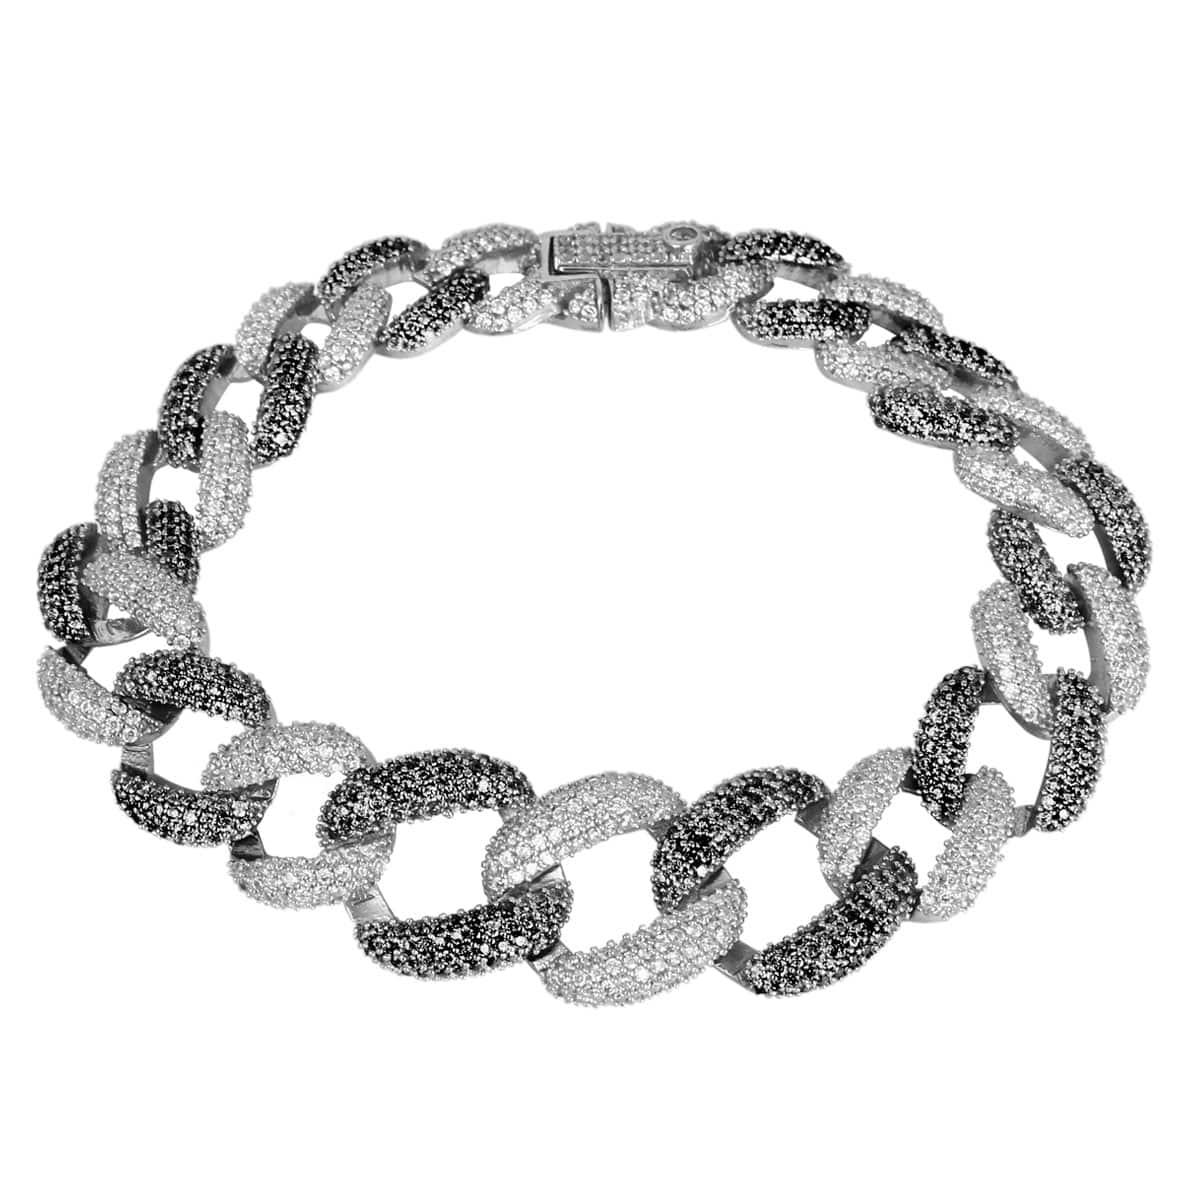 خرید دستبند نقره زنانه نگین دار مدل آنیسا